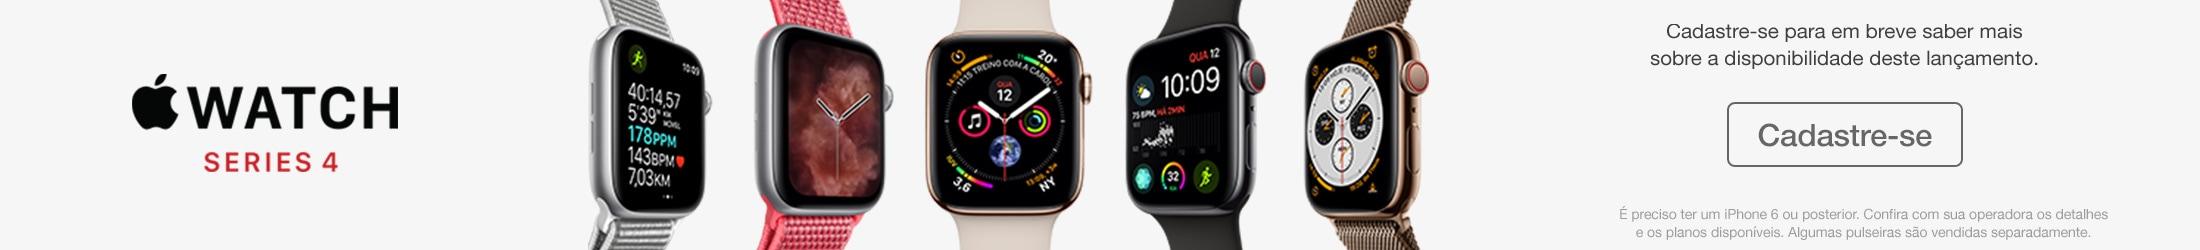 Toko-mempromosikan-kedatangan-Apple-Watch-Series-4-dan-iPhone-XS